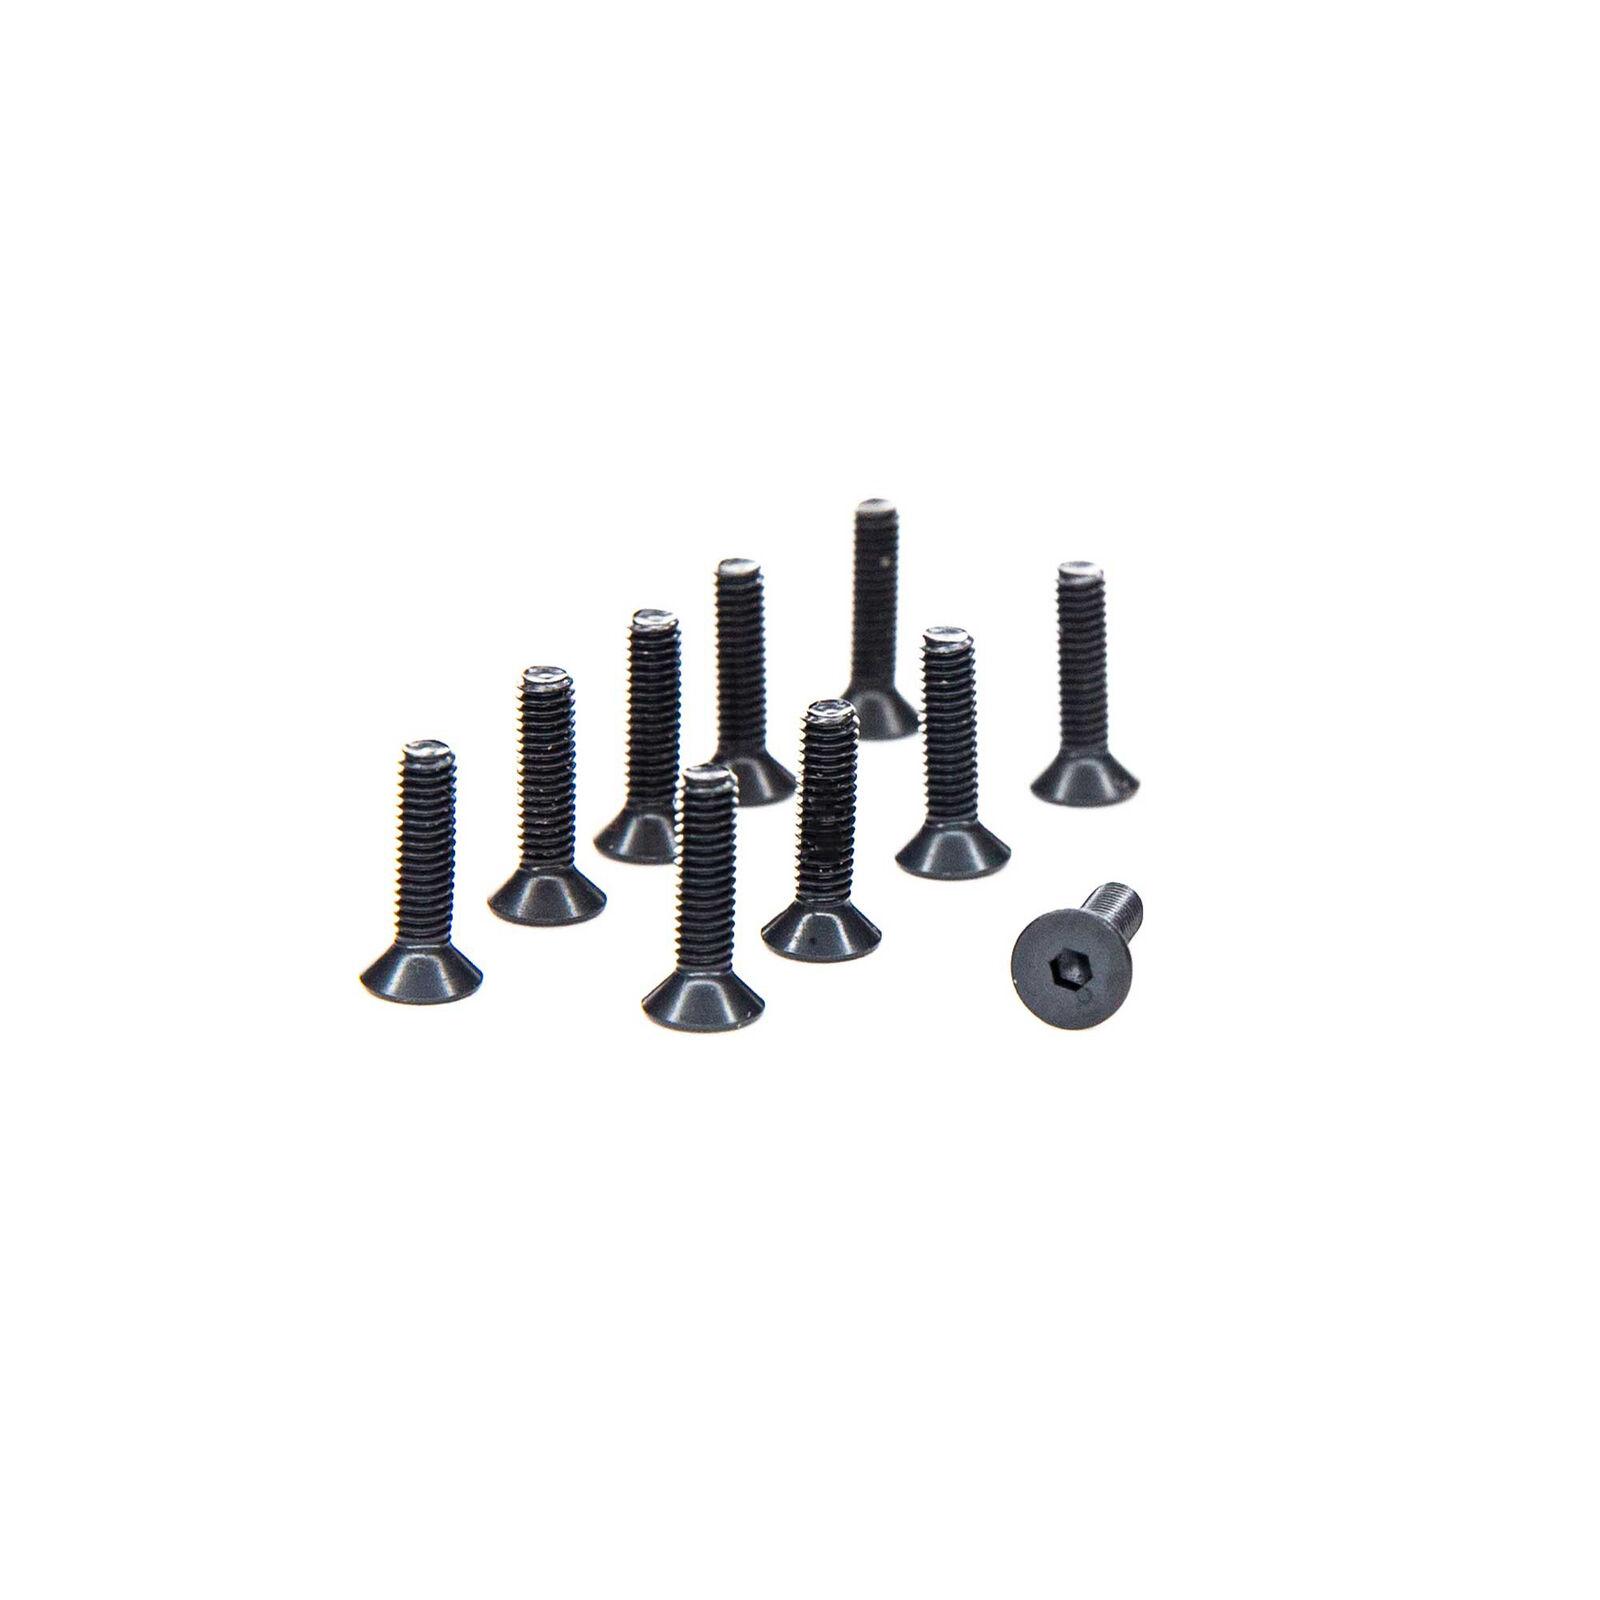 M2.5 x 10mm Flat Head Screws (10)